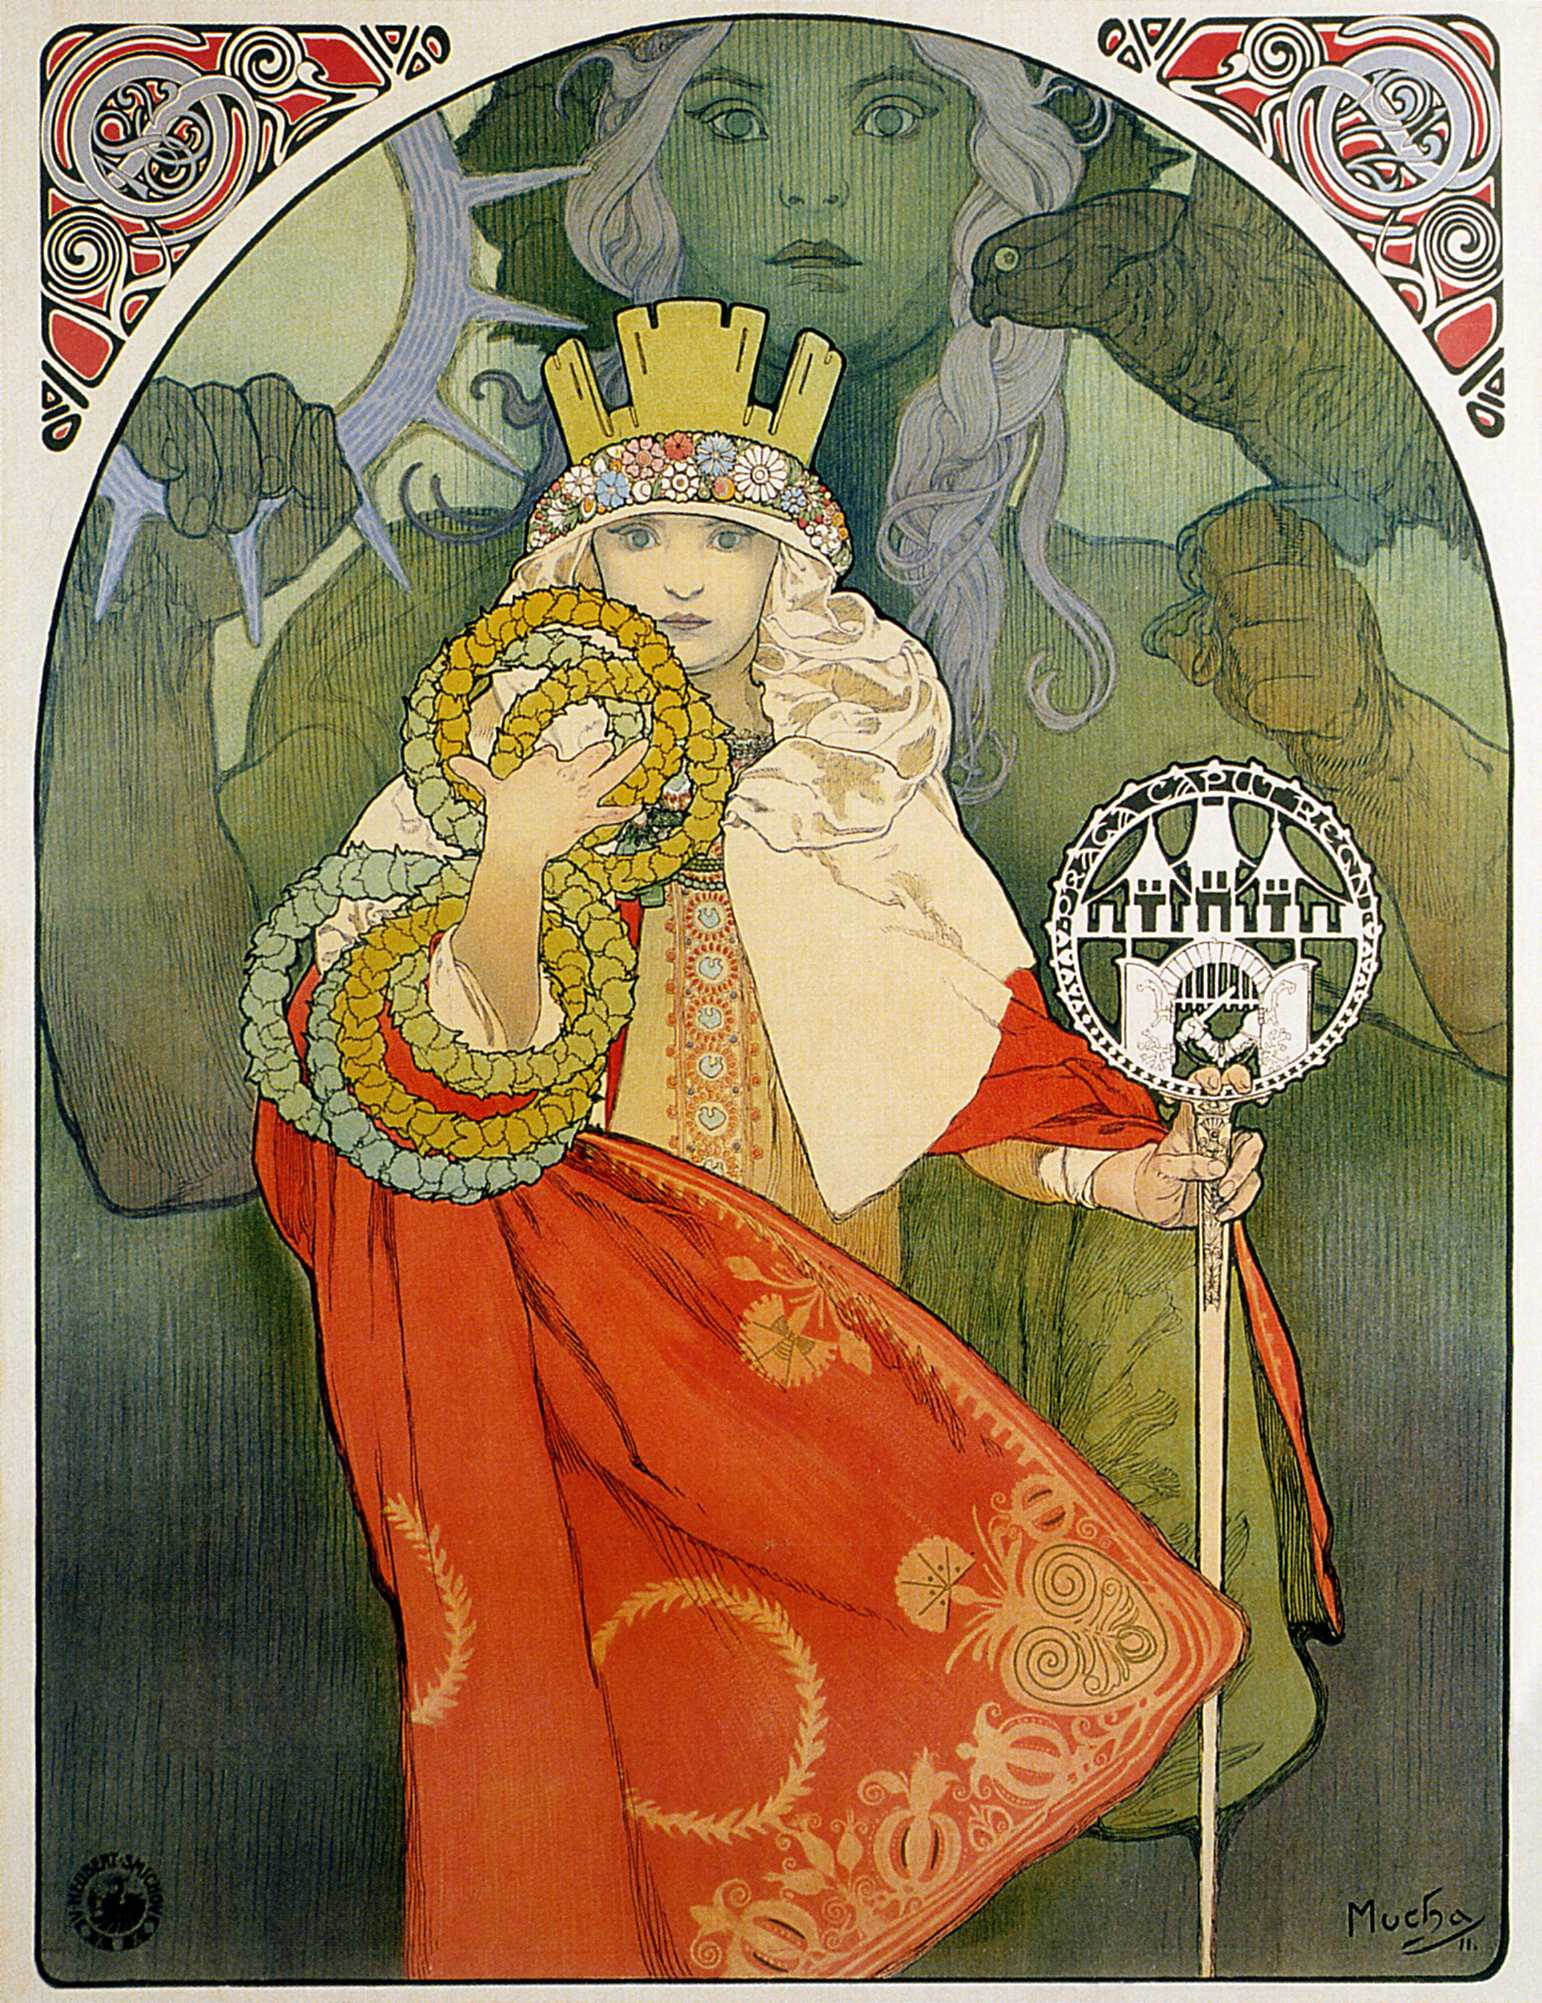 6-й фестиваль 'Сокол'-1912